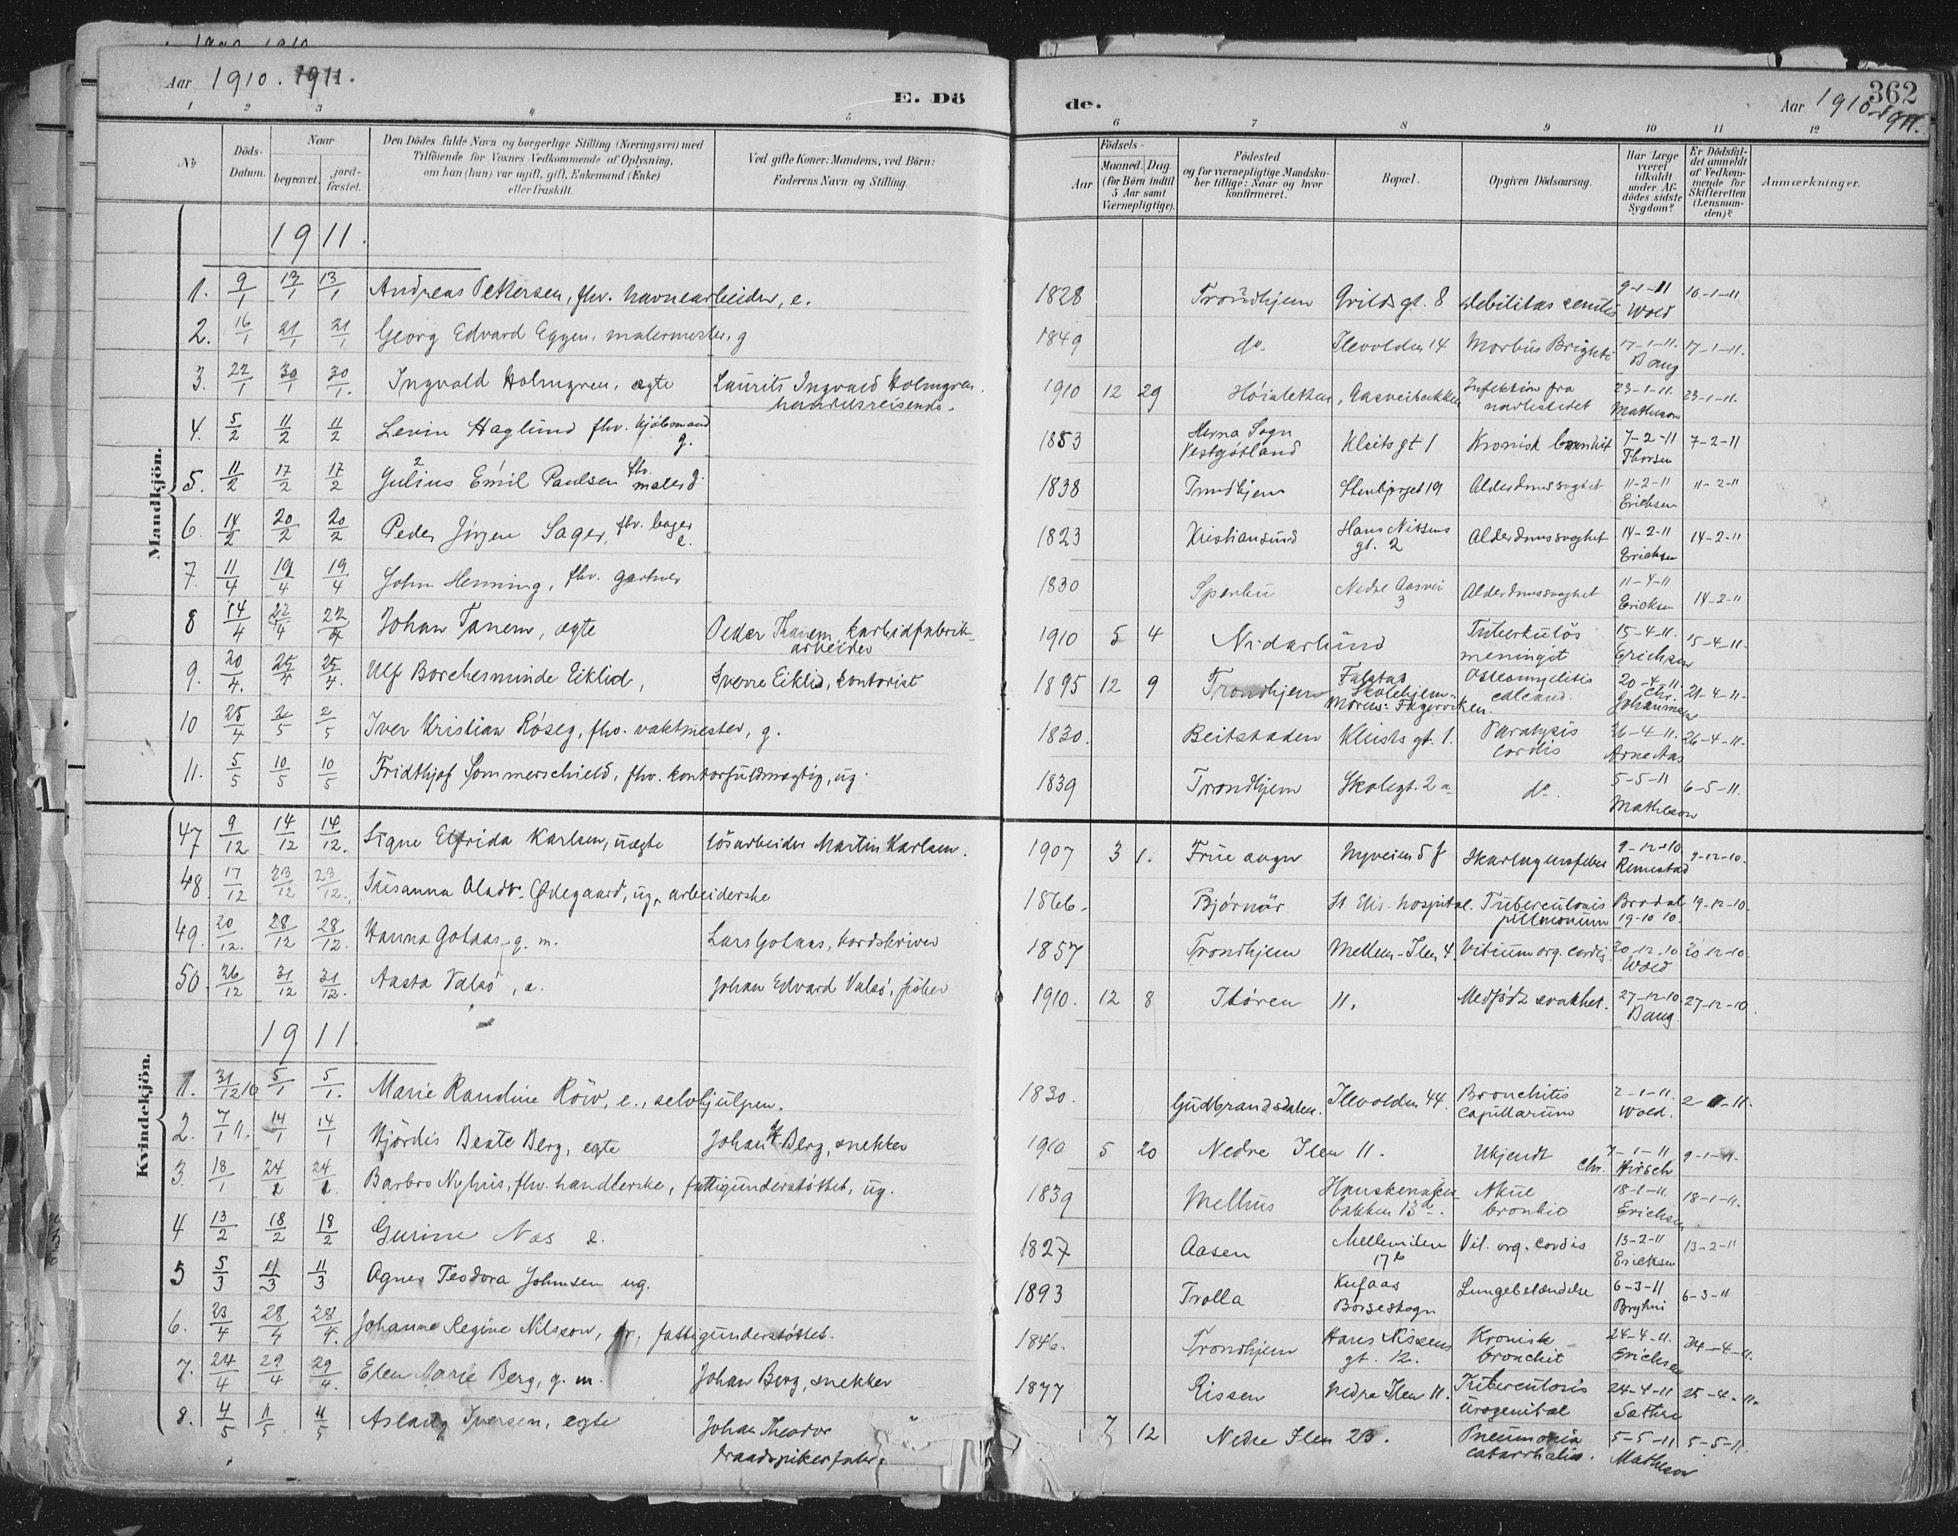 SAT, Ministerialprotokoller, klokkerbøker og fødselsregistre - Sør-Trøndelag, 603/L0167: Ministerialbok nr. 603A06, 1896-1932, s. 362